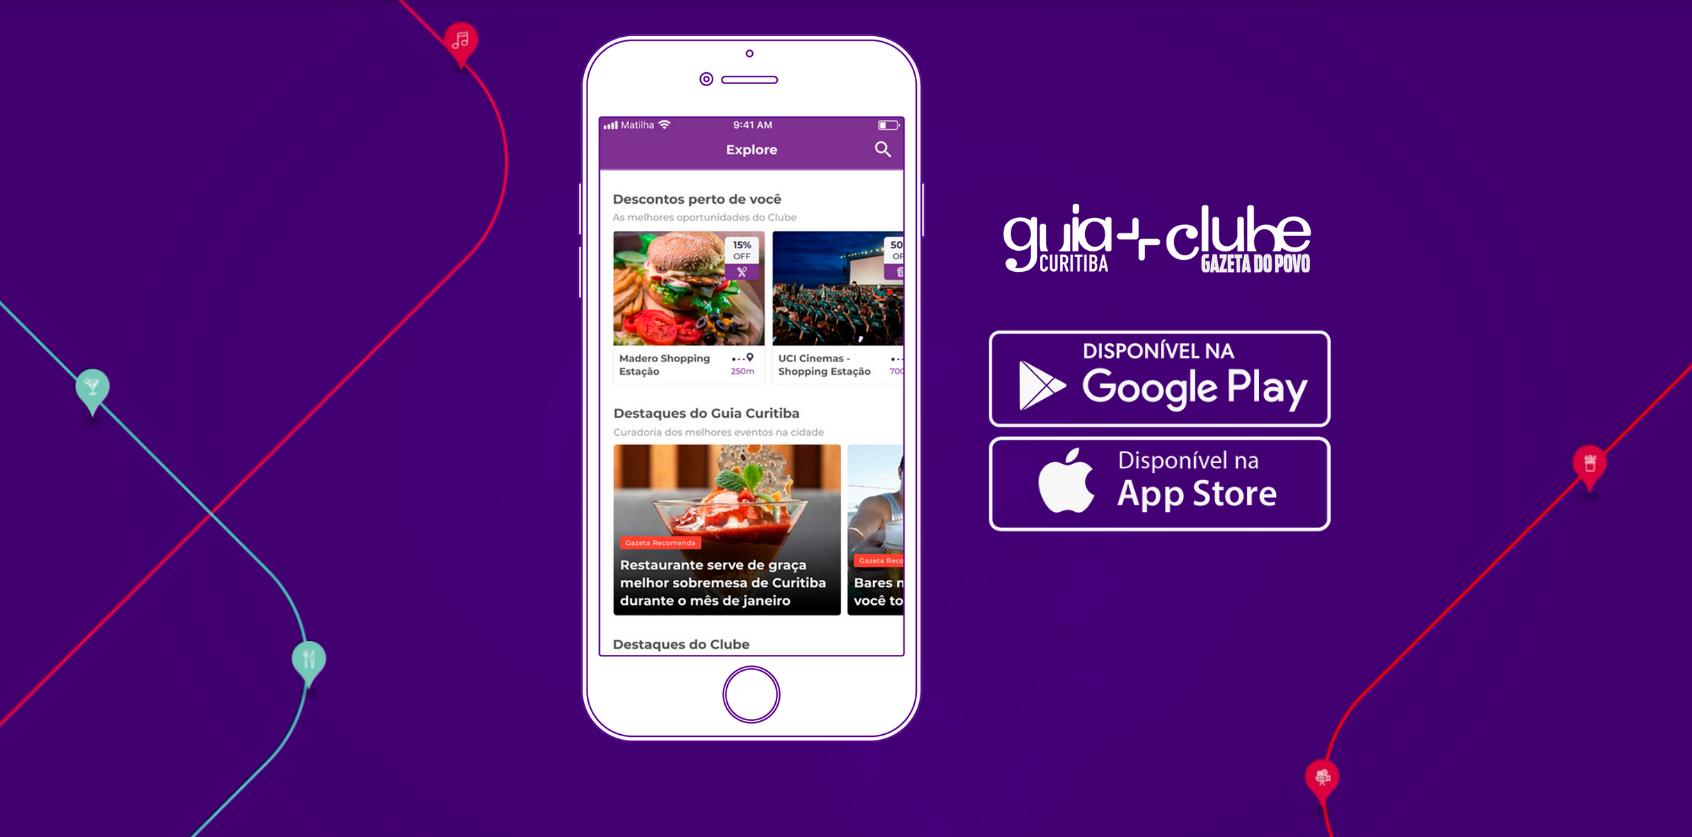 App Clube Gazeta do Povo: Como gerar meus cartões de desconto?